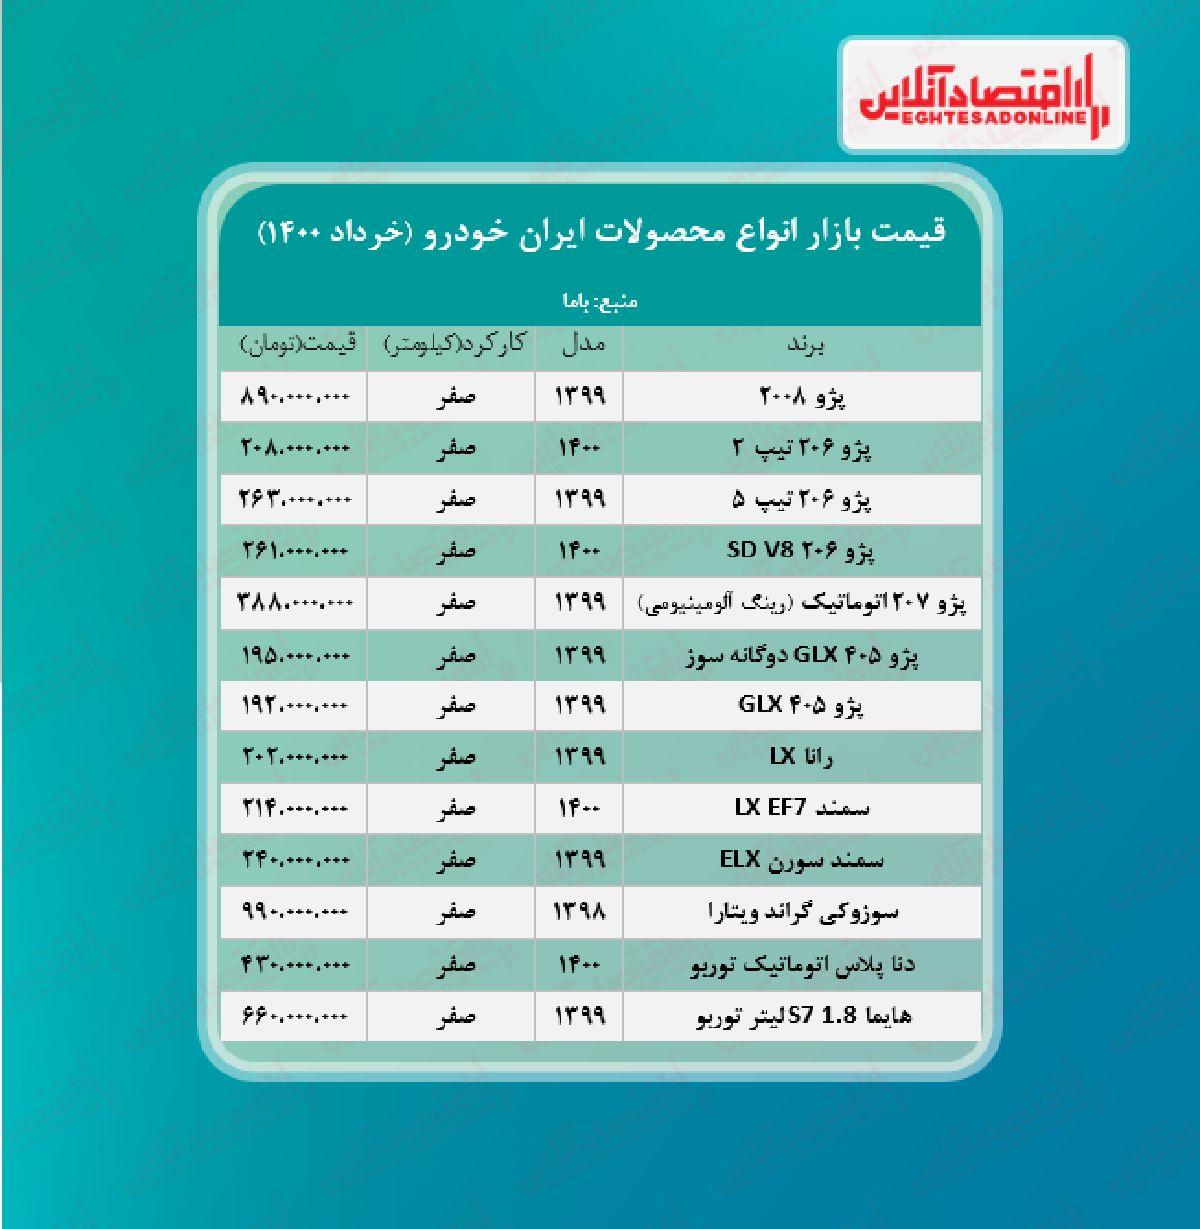 قیمت محصولات ایران خودرو امروز ۱۴۰۰/۳/۱۷